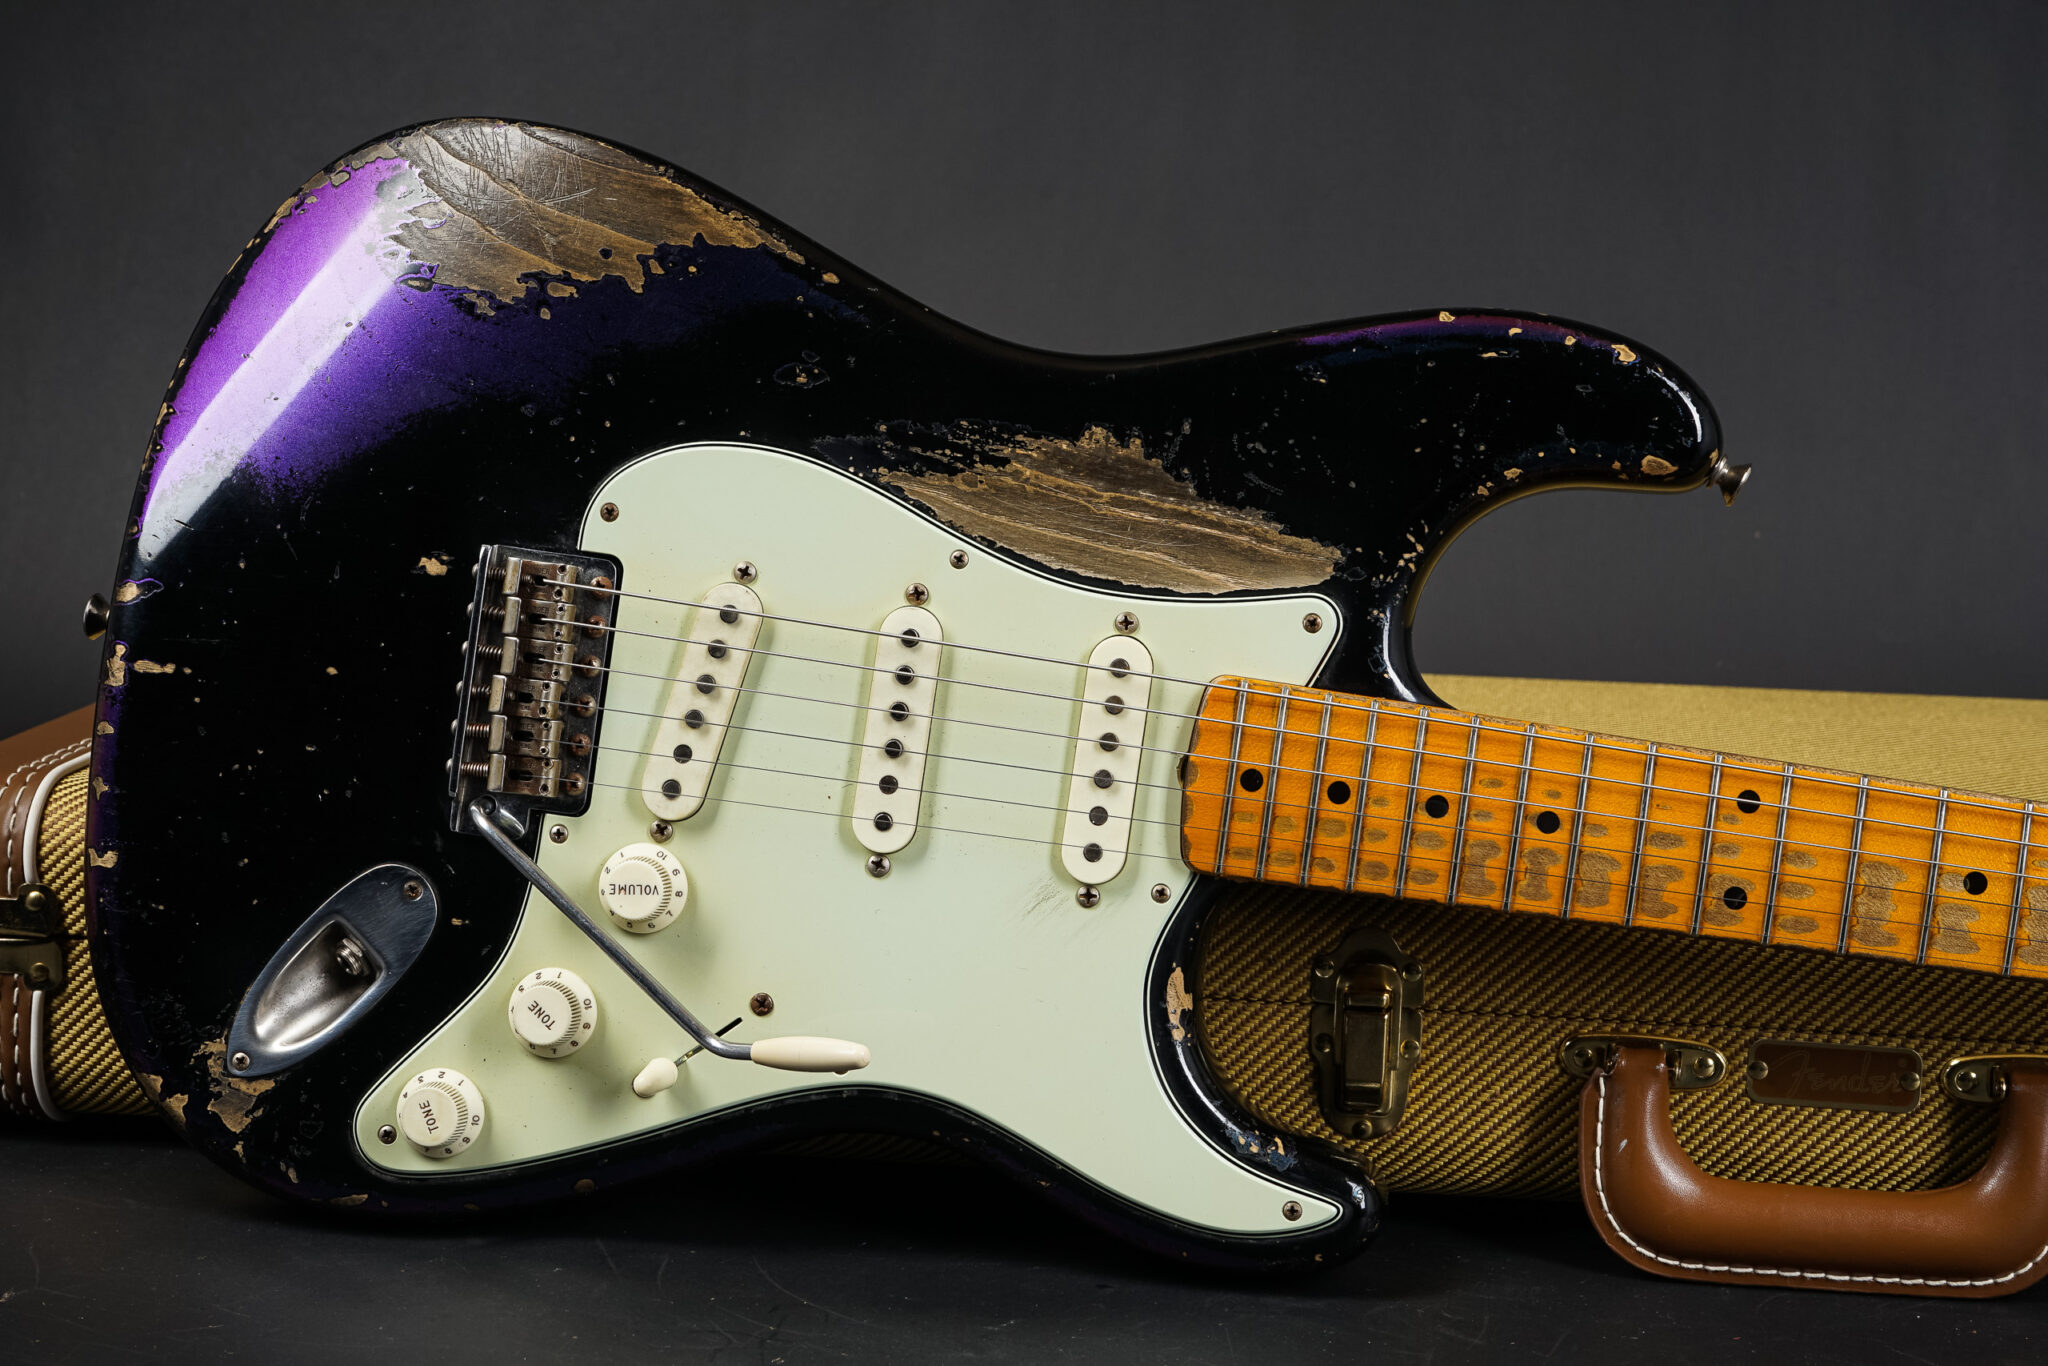 https://guitarpoint.de/app/uploads/products/2015-fender-dale-wilson-masterbuilt-1958-stratocaster-black-chameleon-relic/2015-Fender-MBDW-58-Strat-Chameleon-8-2048x1366.jpg